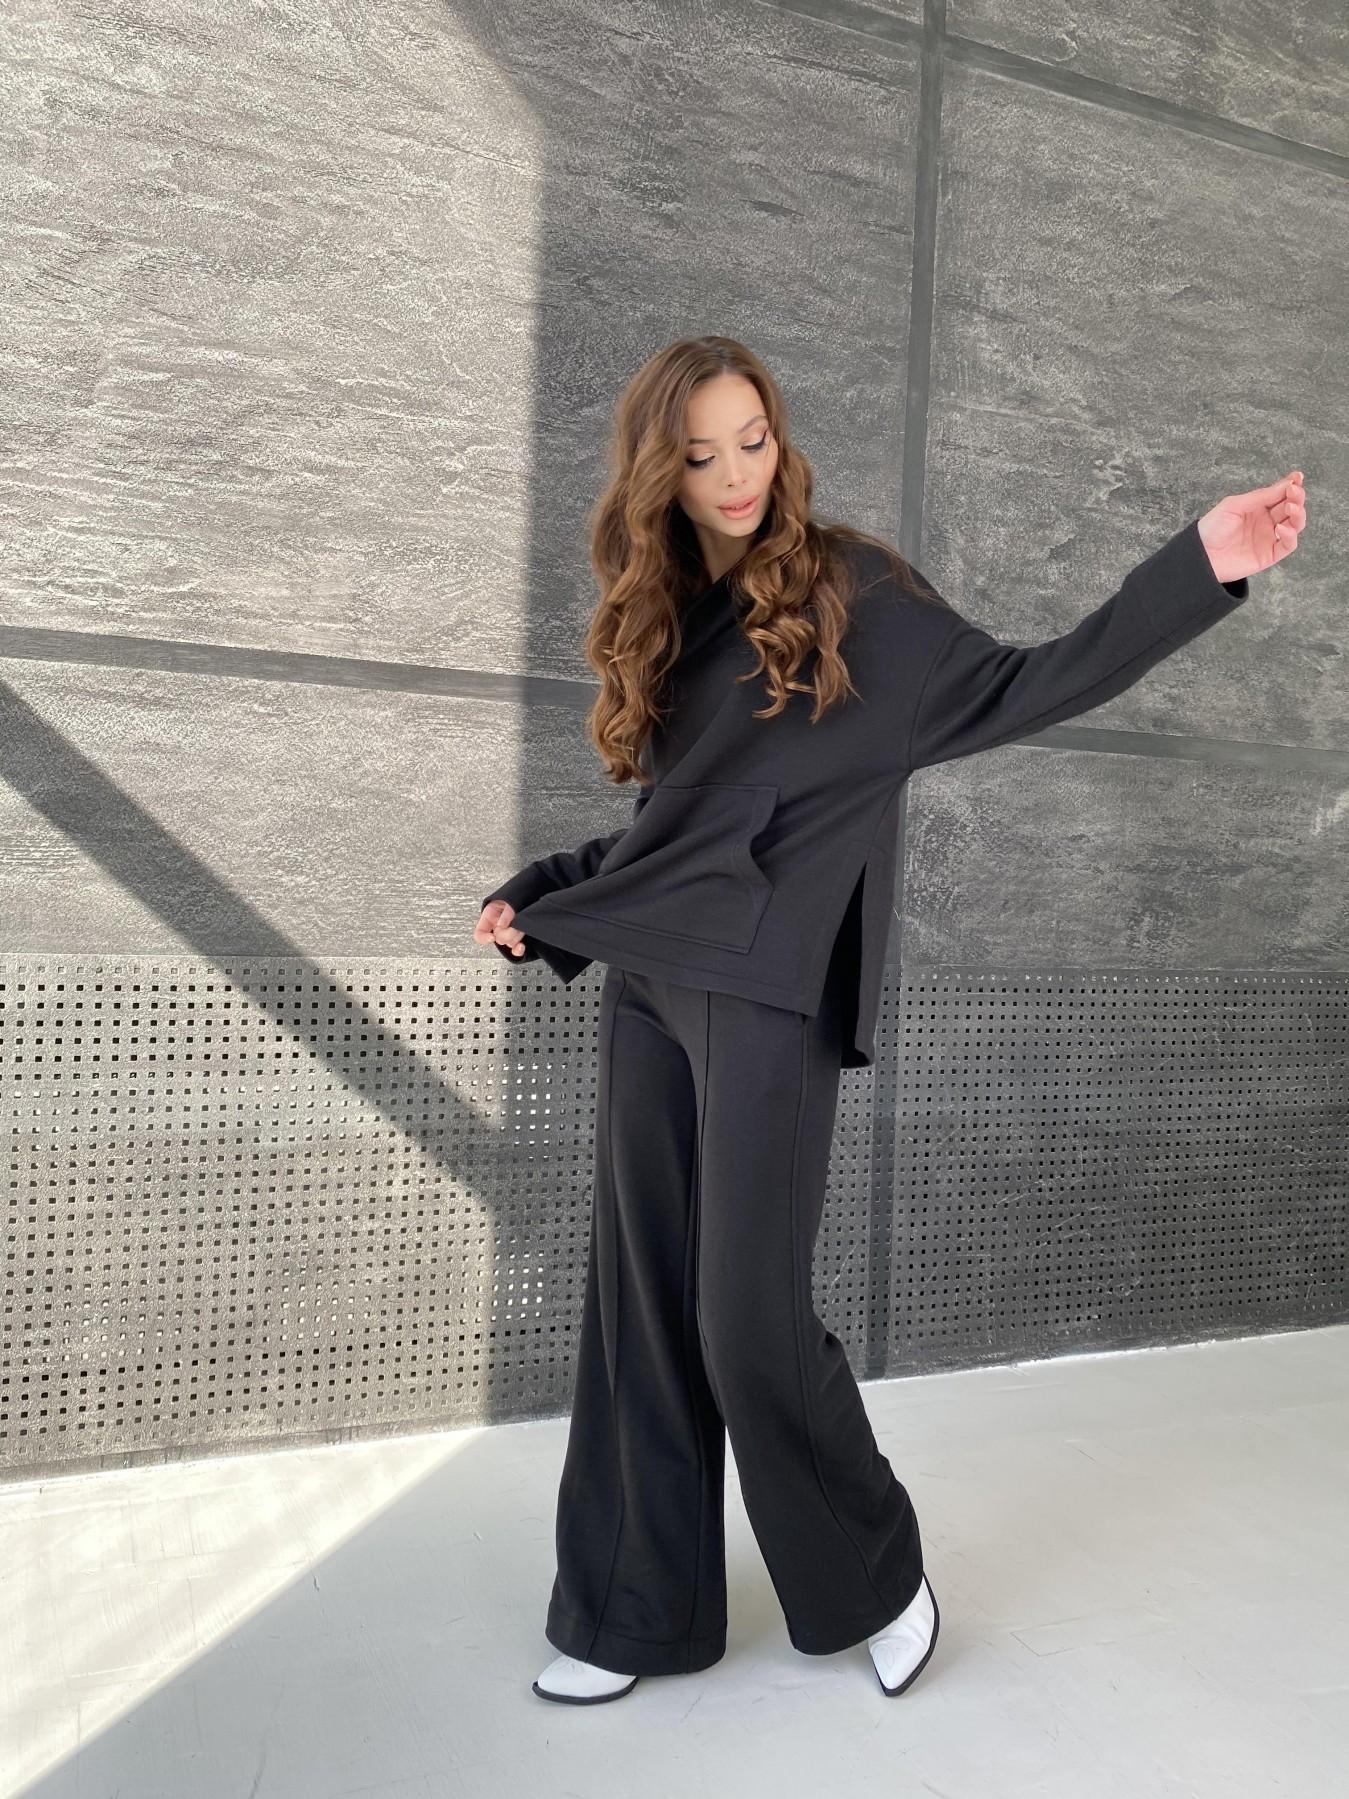 Кристиан костюм 3х нитка 10676 АРТ. 47247 Цвет: Черный - фото 6, интернет магазин tm-modus.ru